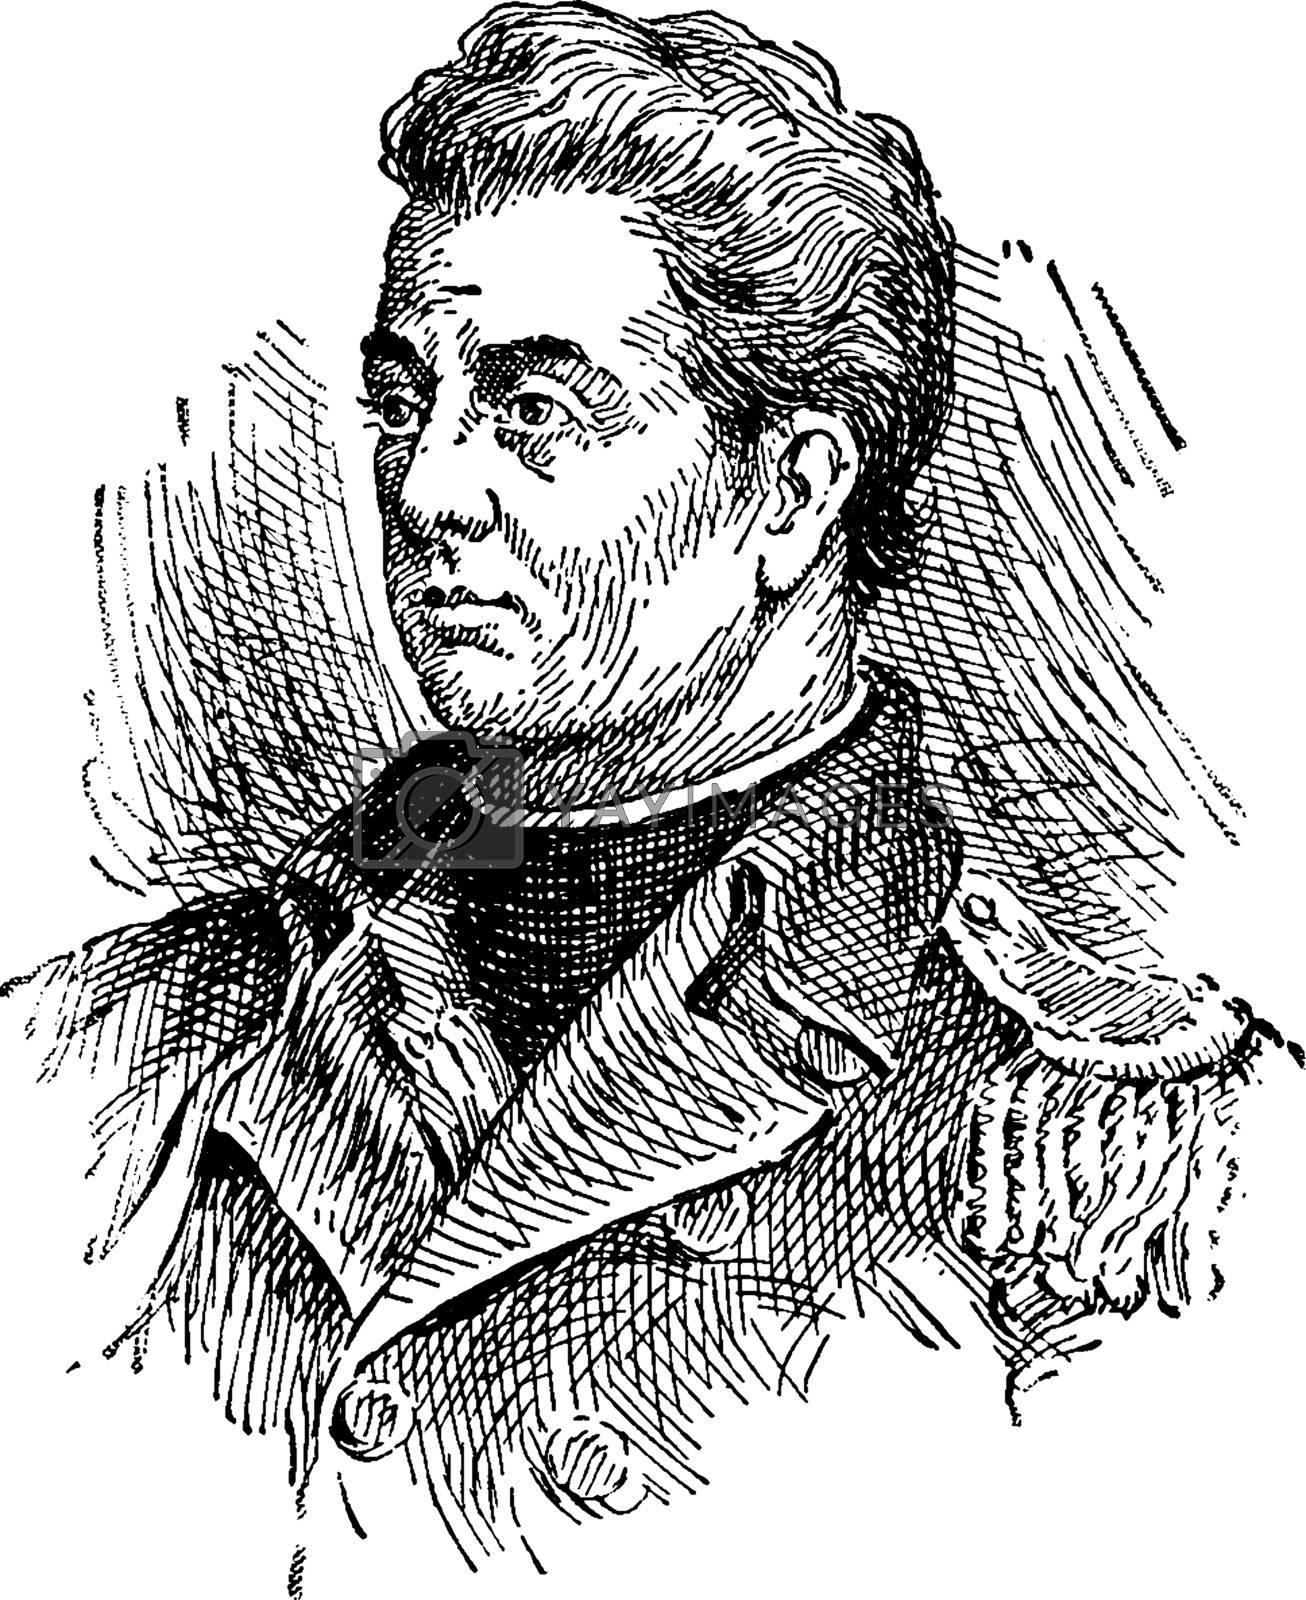 Ethan Allen, vintage illustration by Morphart